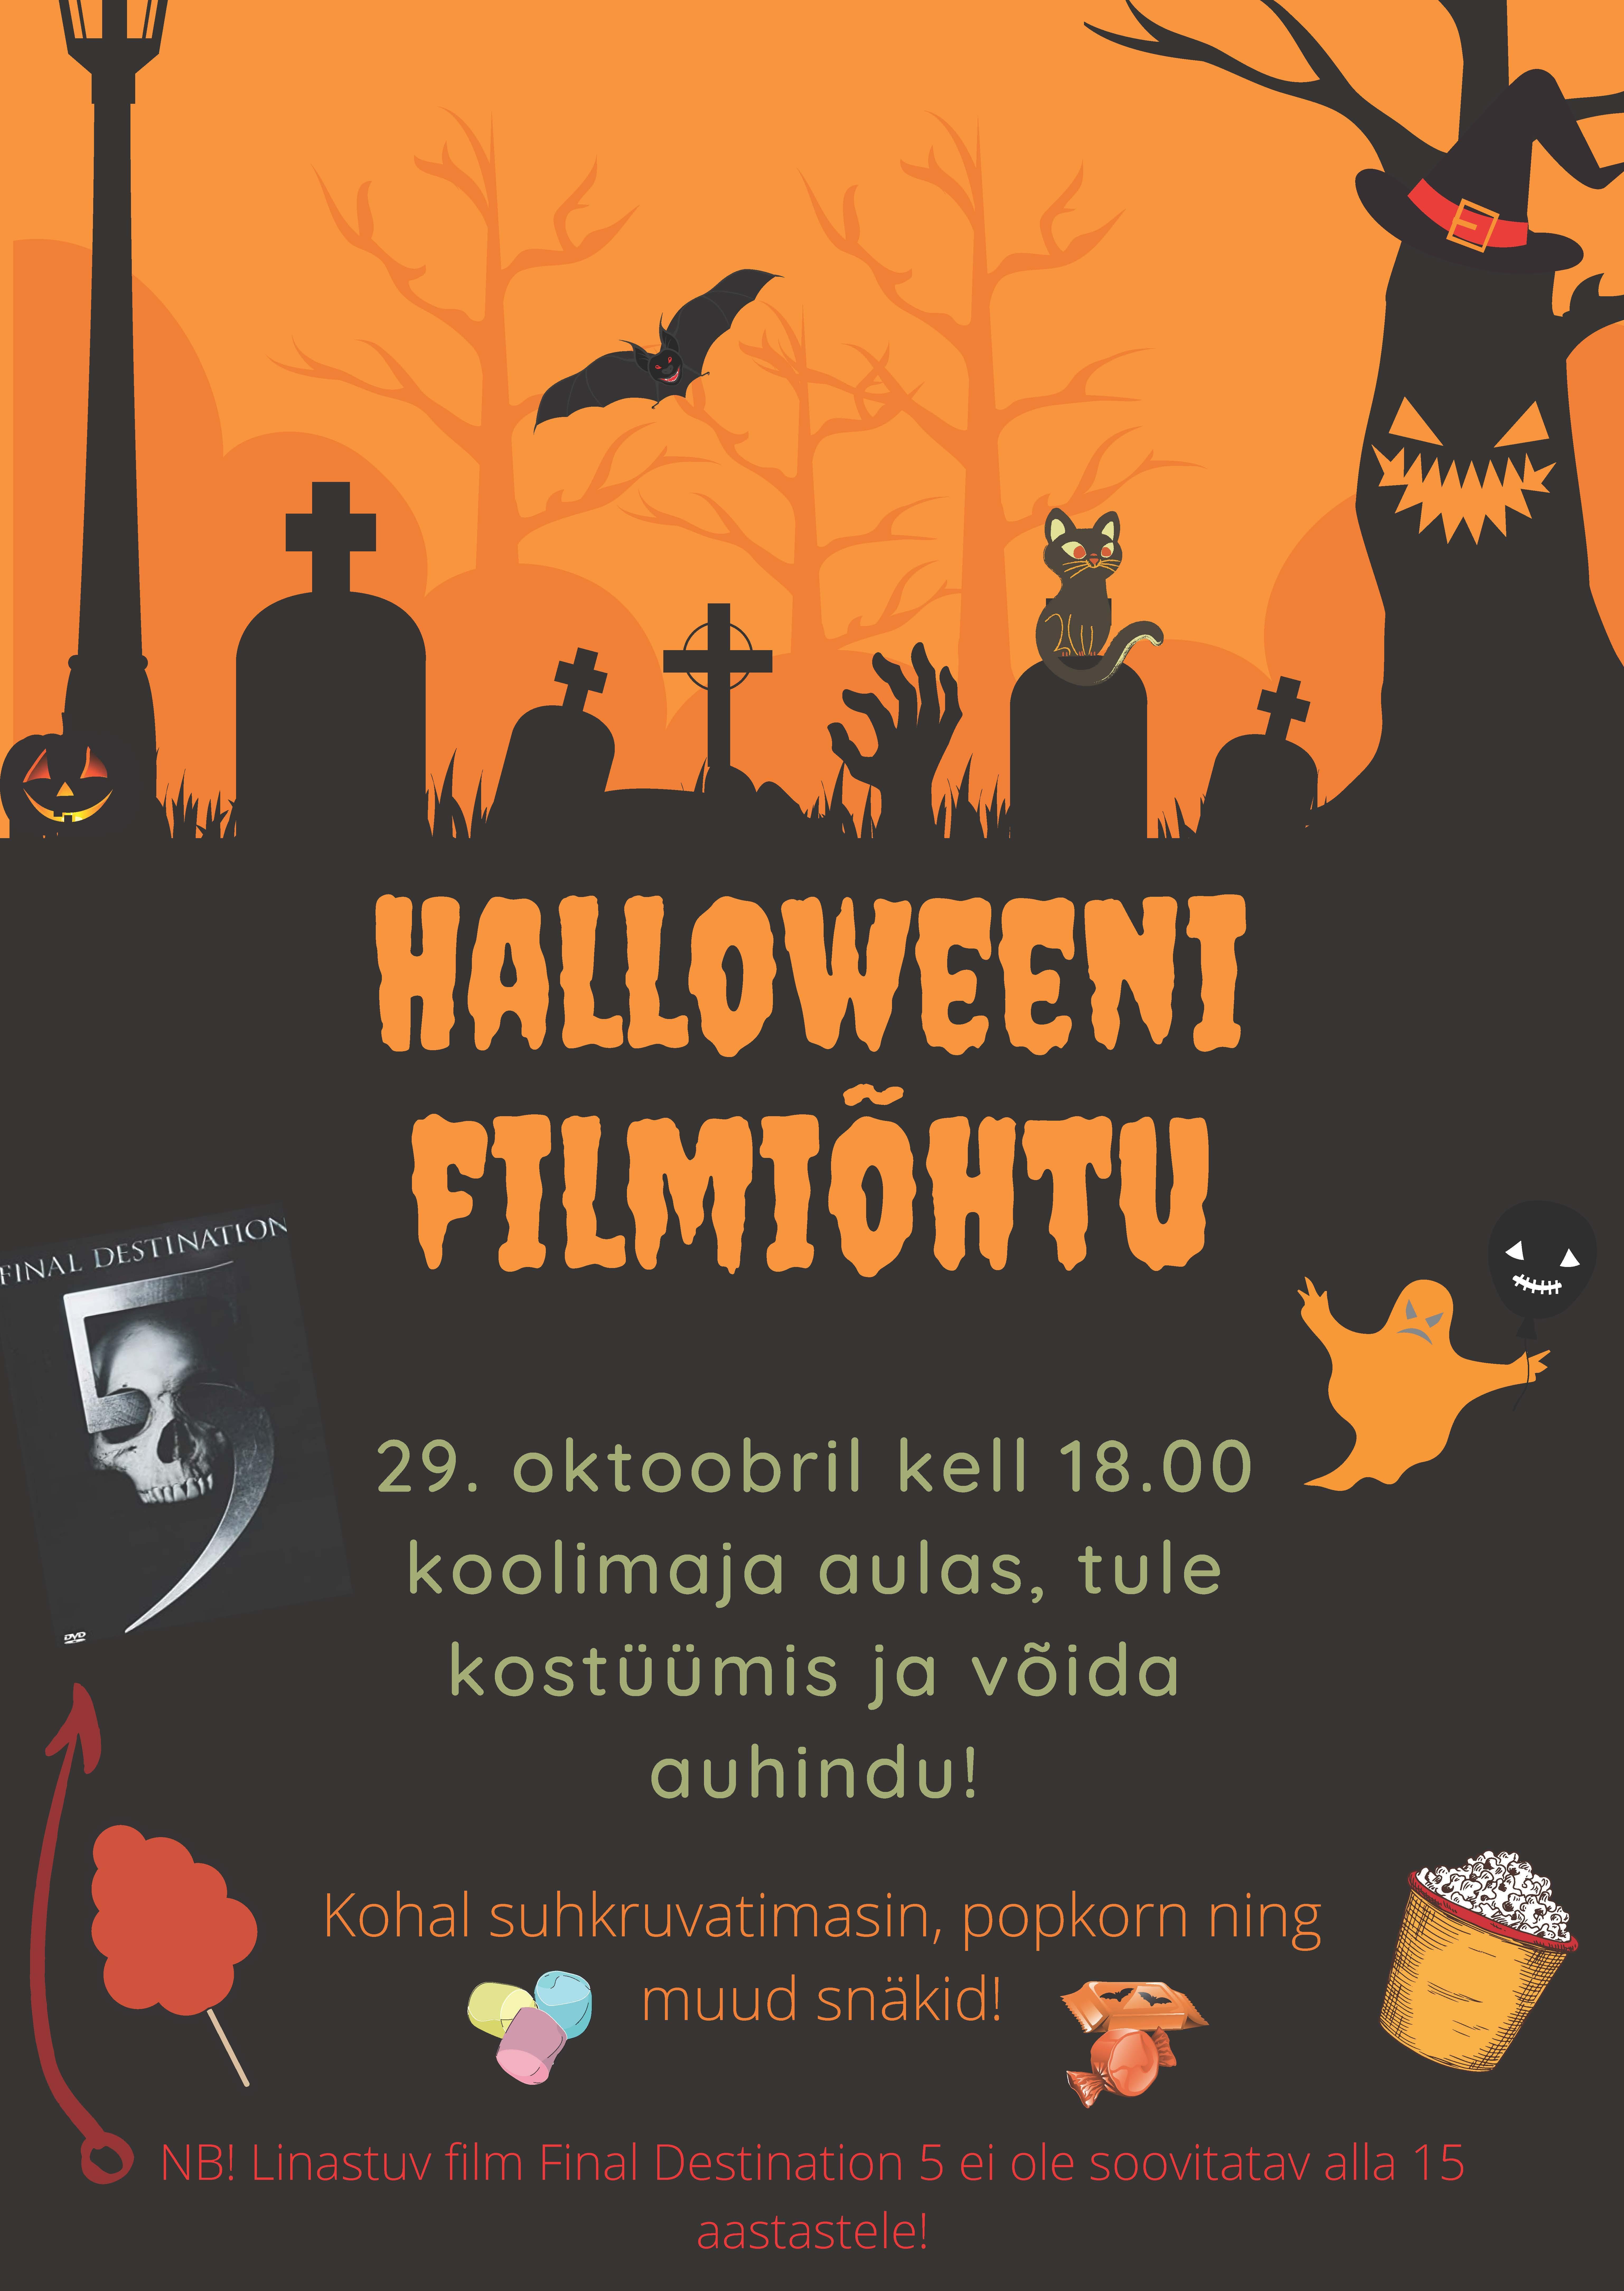 Halloweeni filmiõhtu